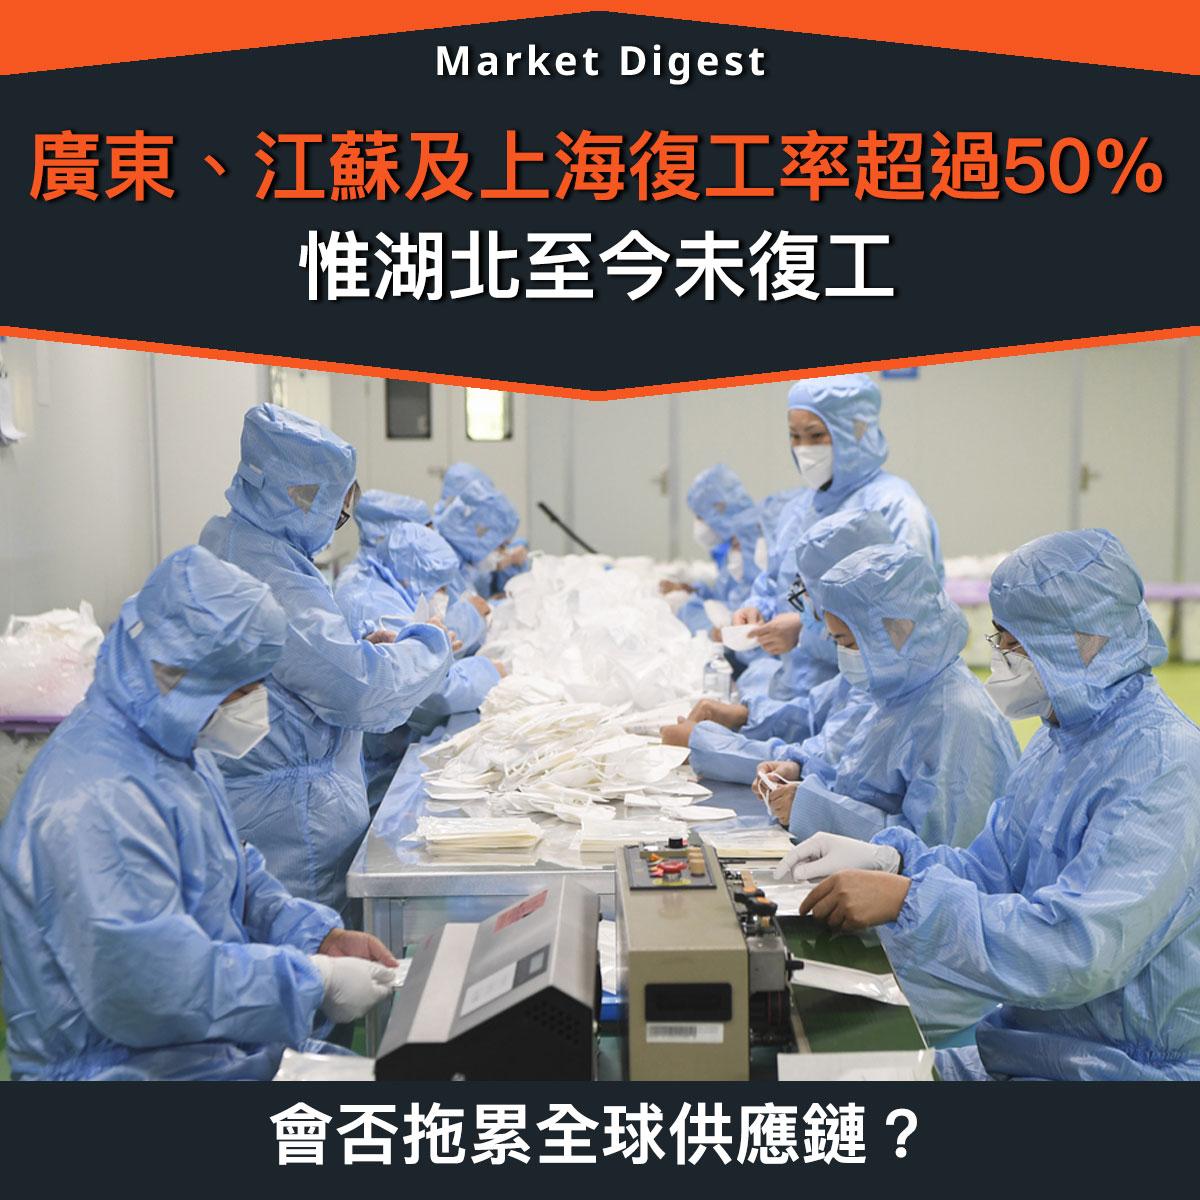 【武漢肺炎】廣東、江蘇及上海復工率超過50%,惟湖北至今未復工